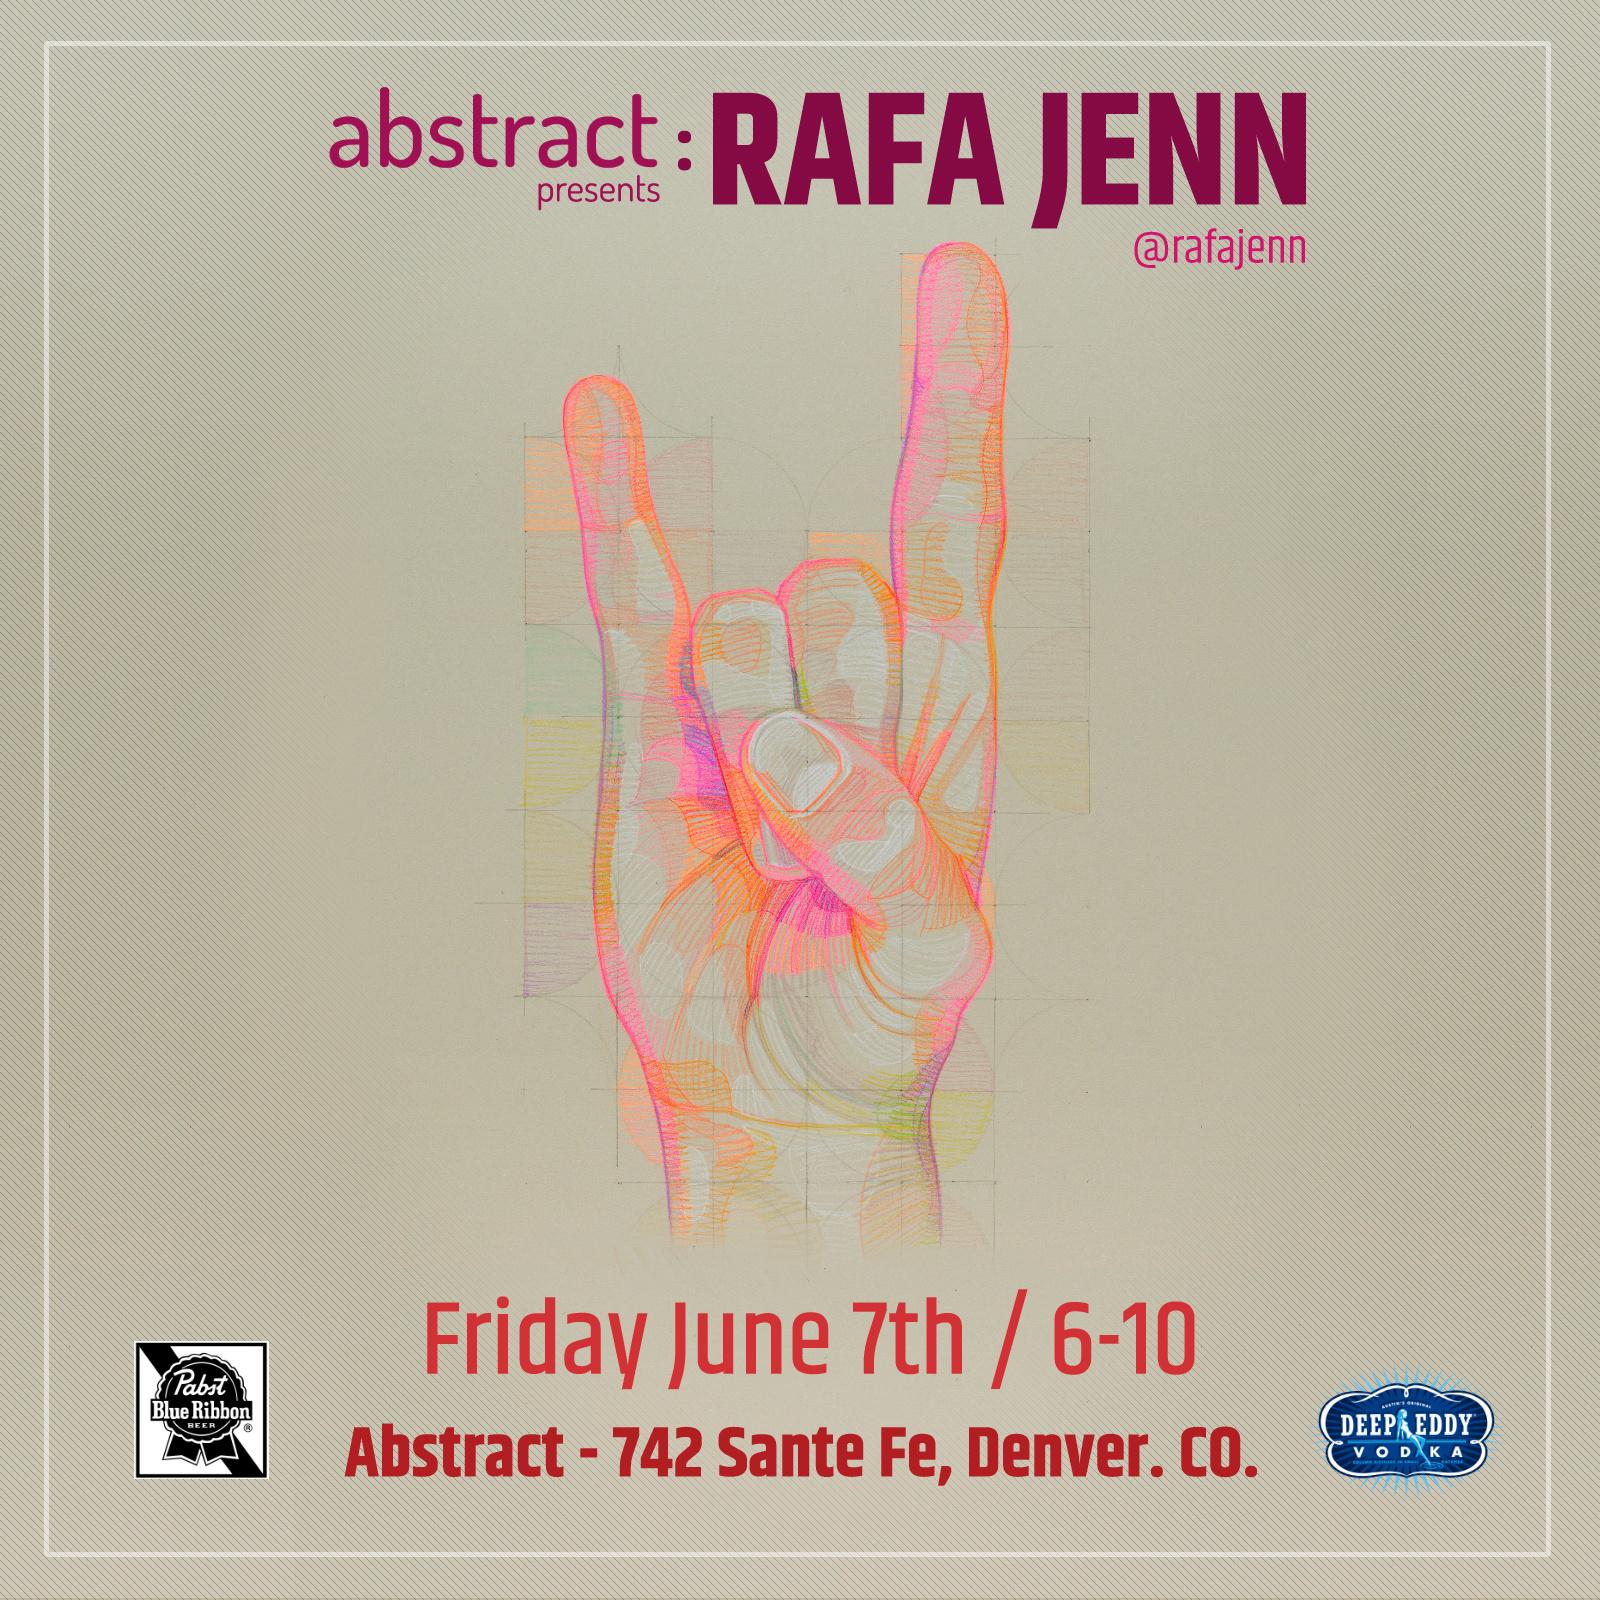 June 7th Rafa Jenn